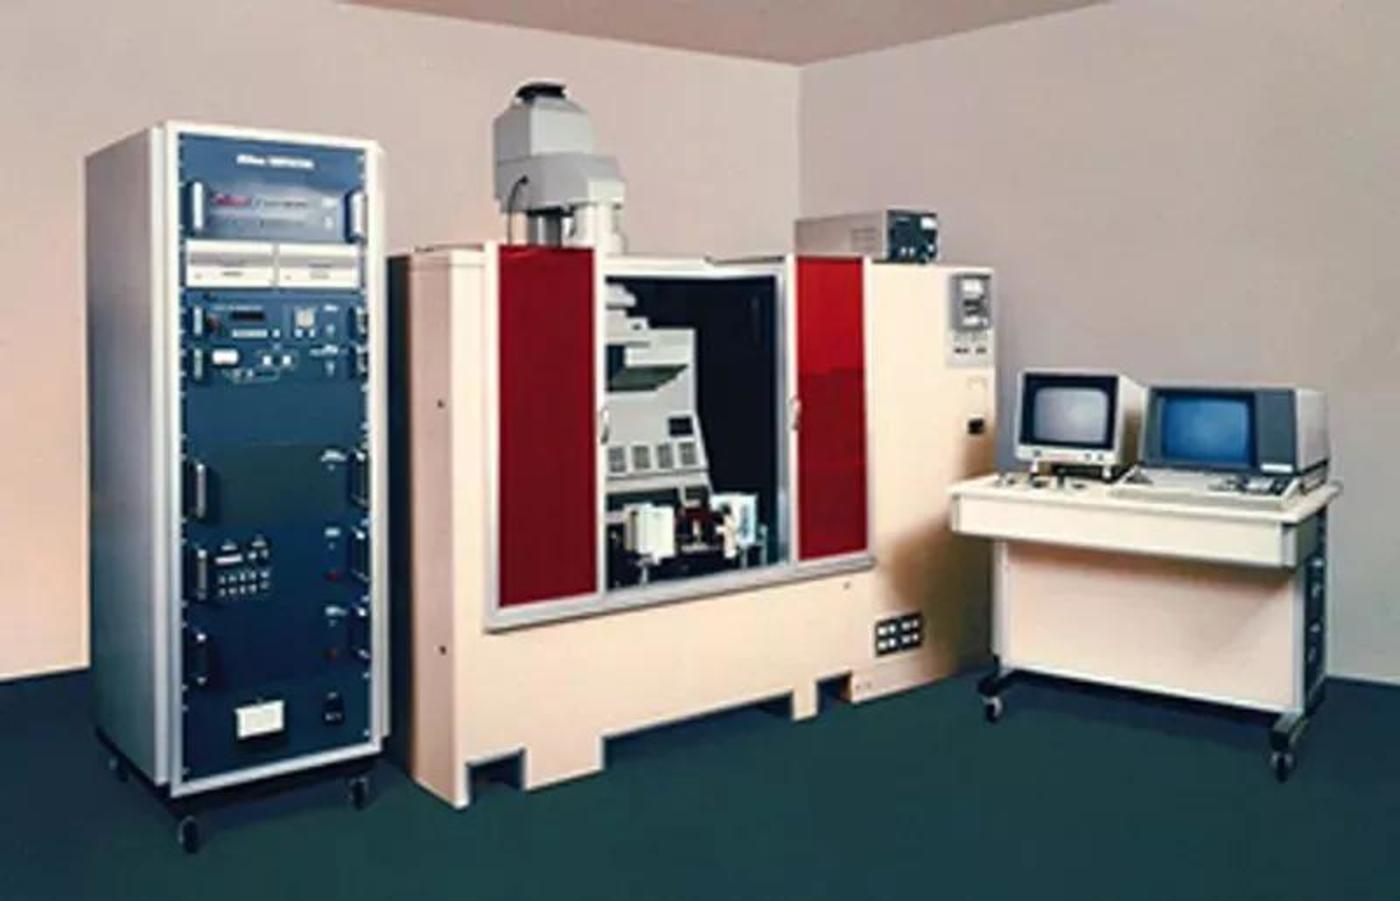 (尼康1980年推出的光刻机NSR-1010G)